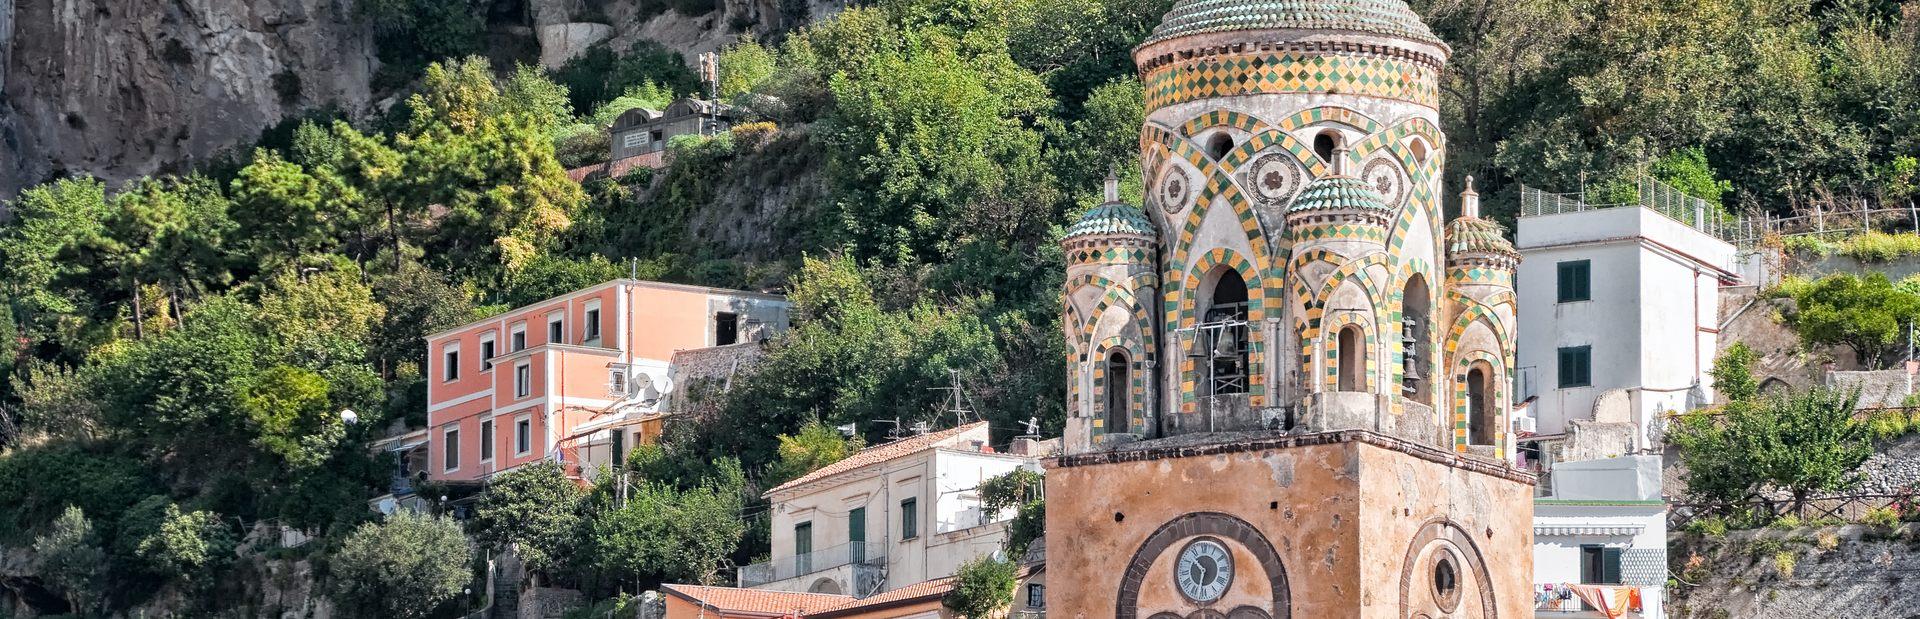 Amalfi climate photo